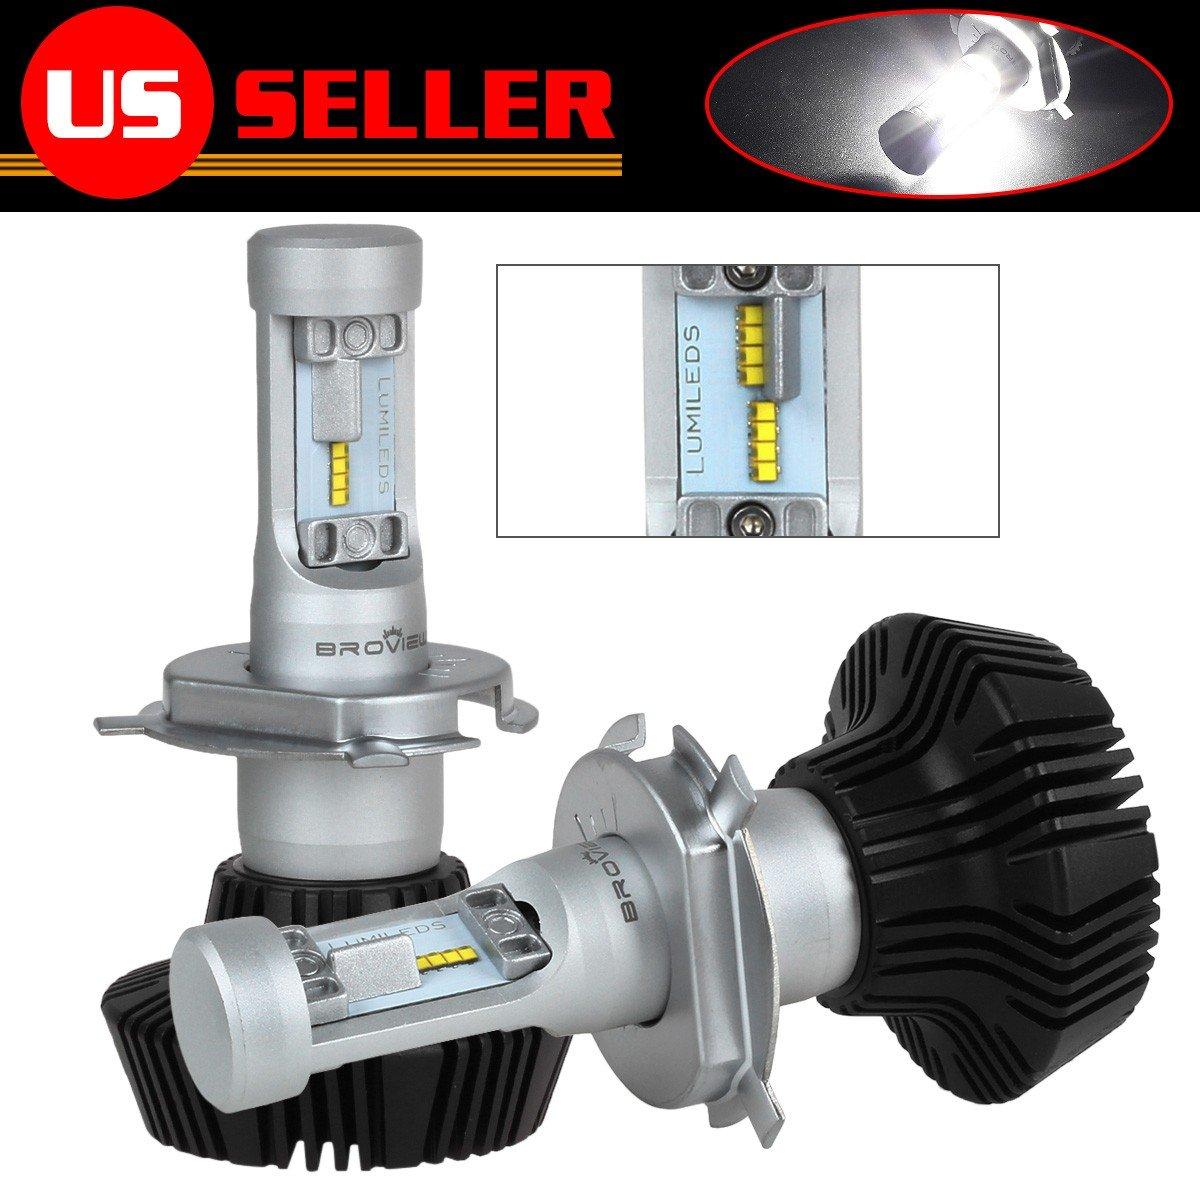 BROVIEW LED Headlight Bulbs